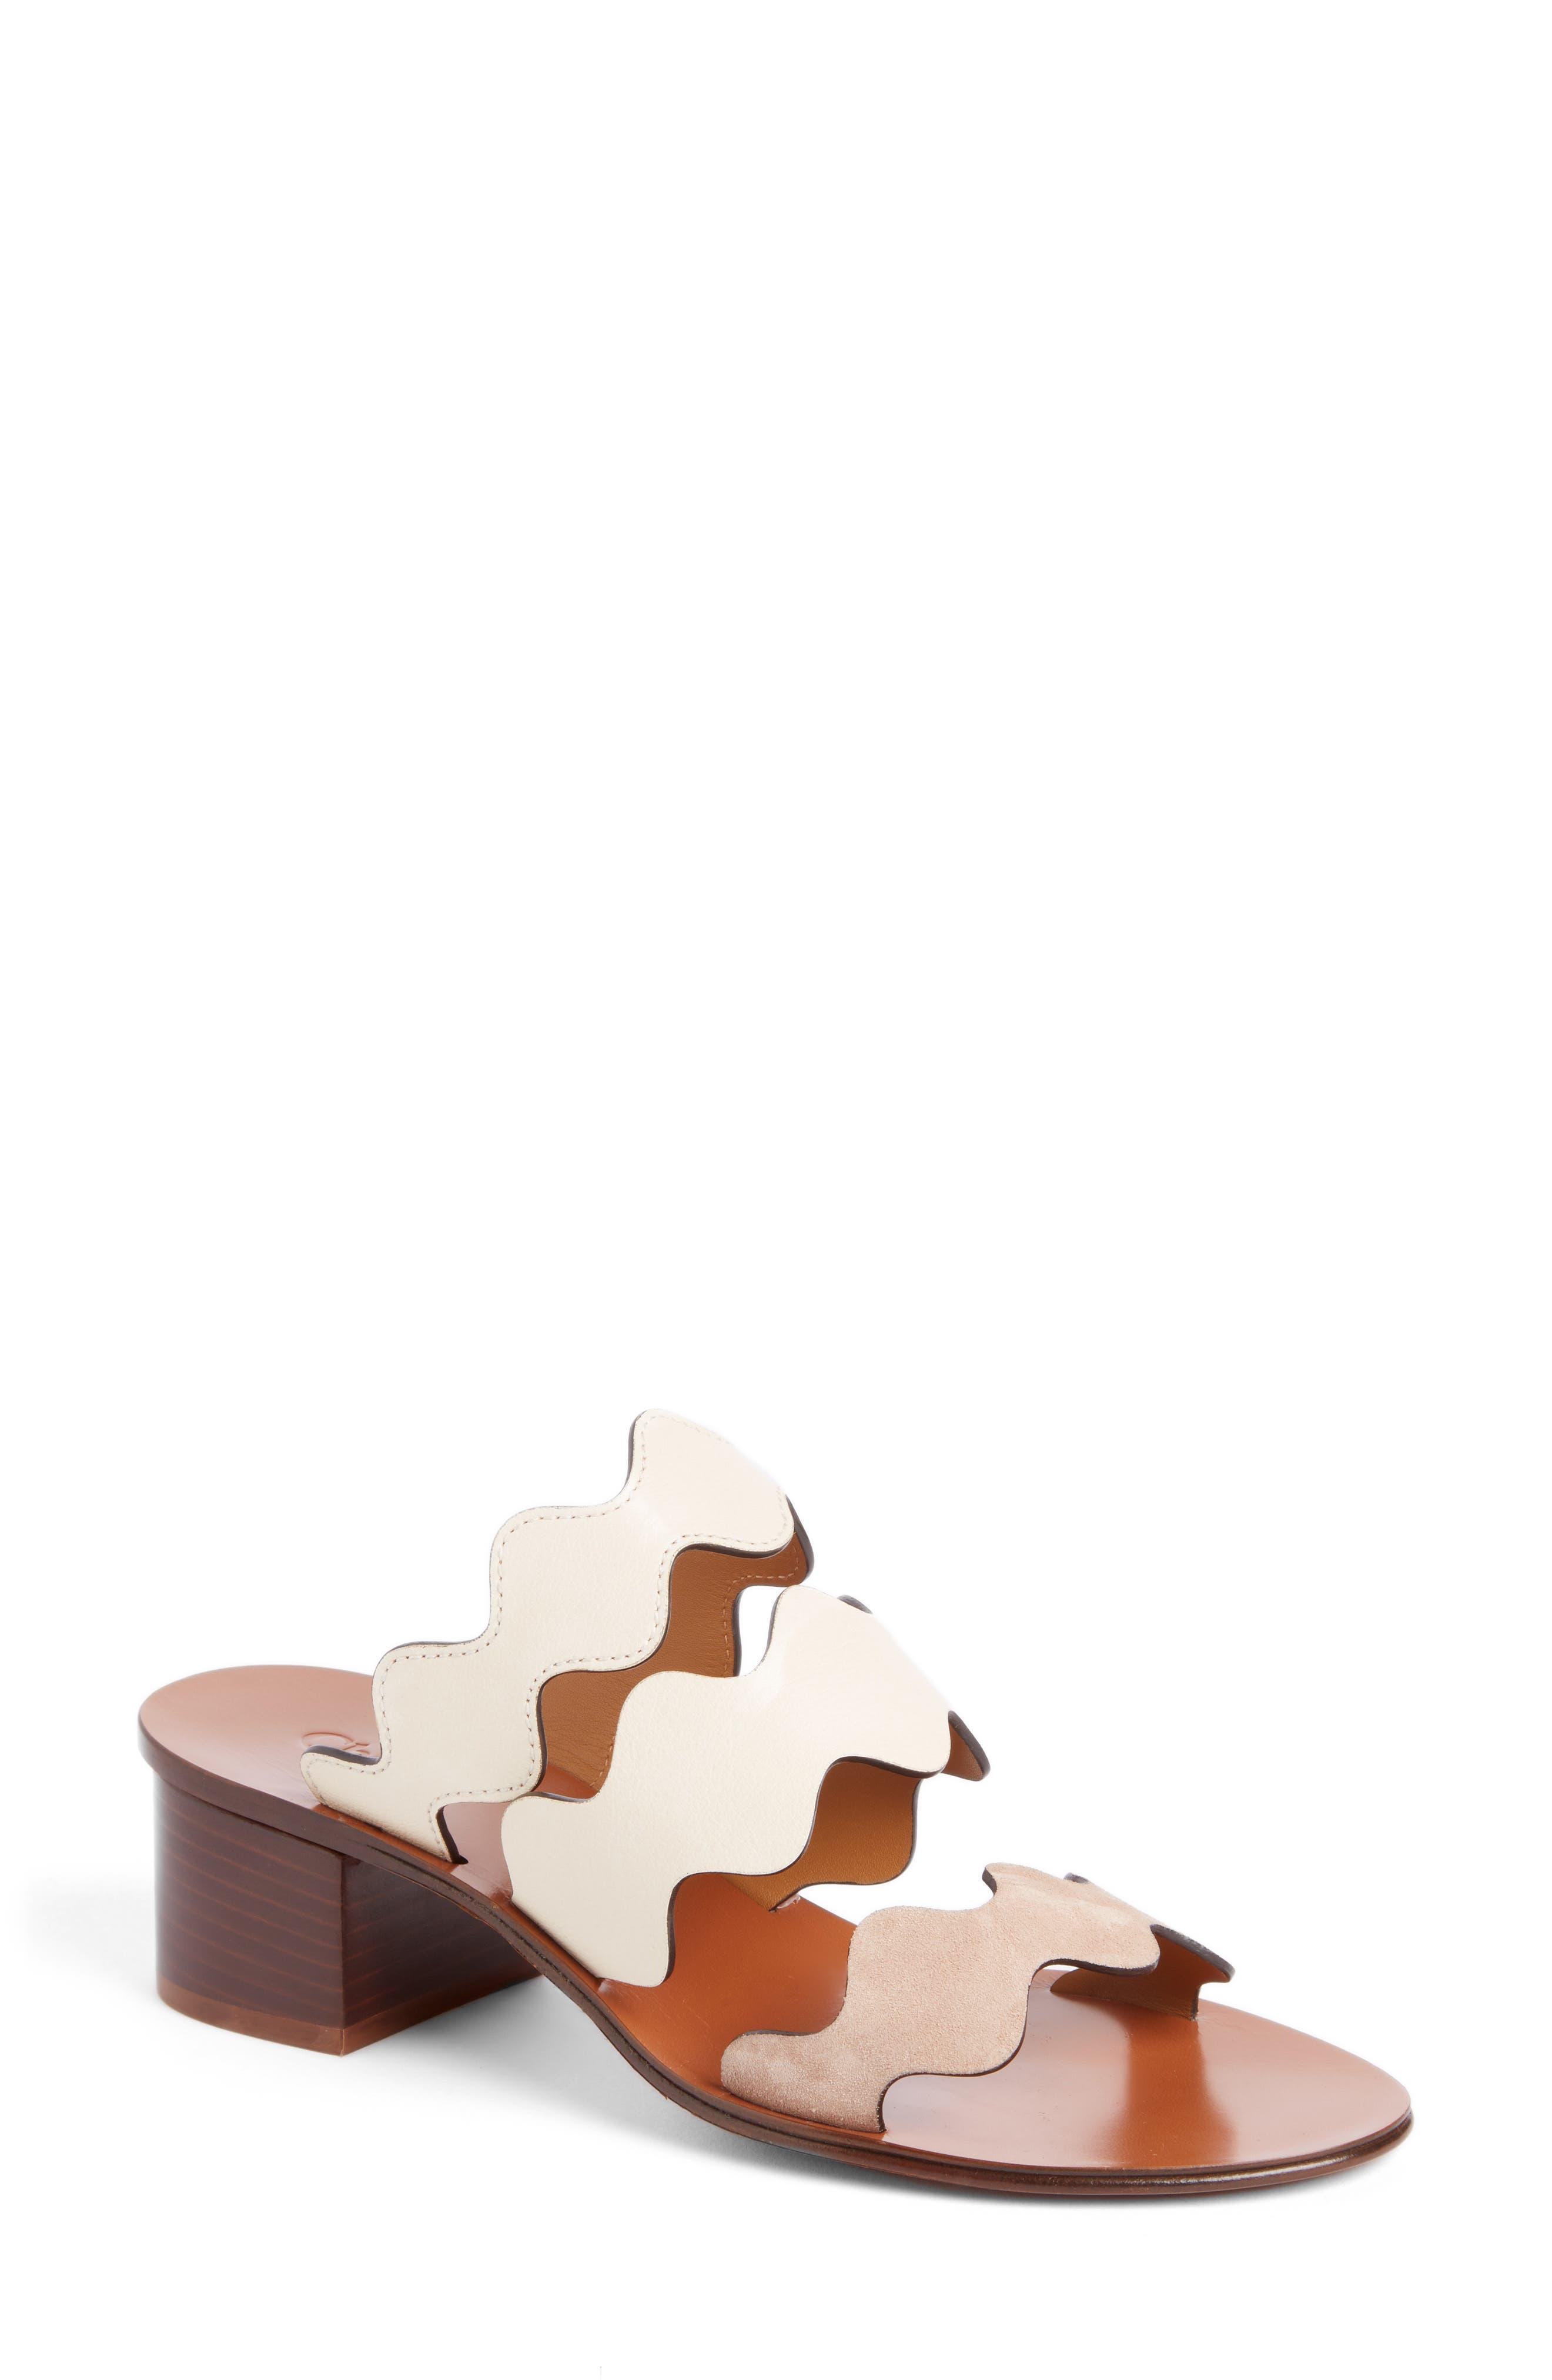 Alternate Image 1 Selected - Chloé Lauren Slide Sandal (Women)